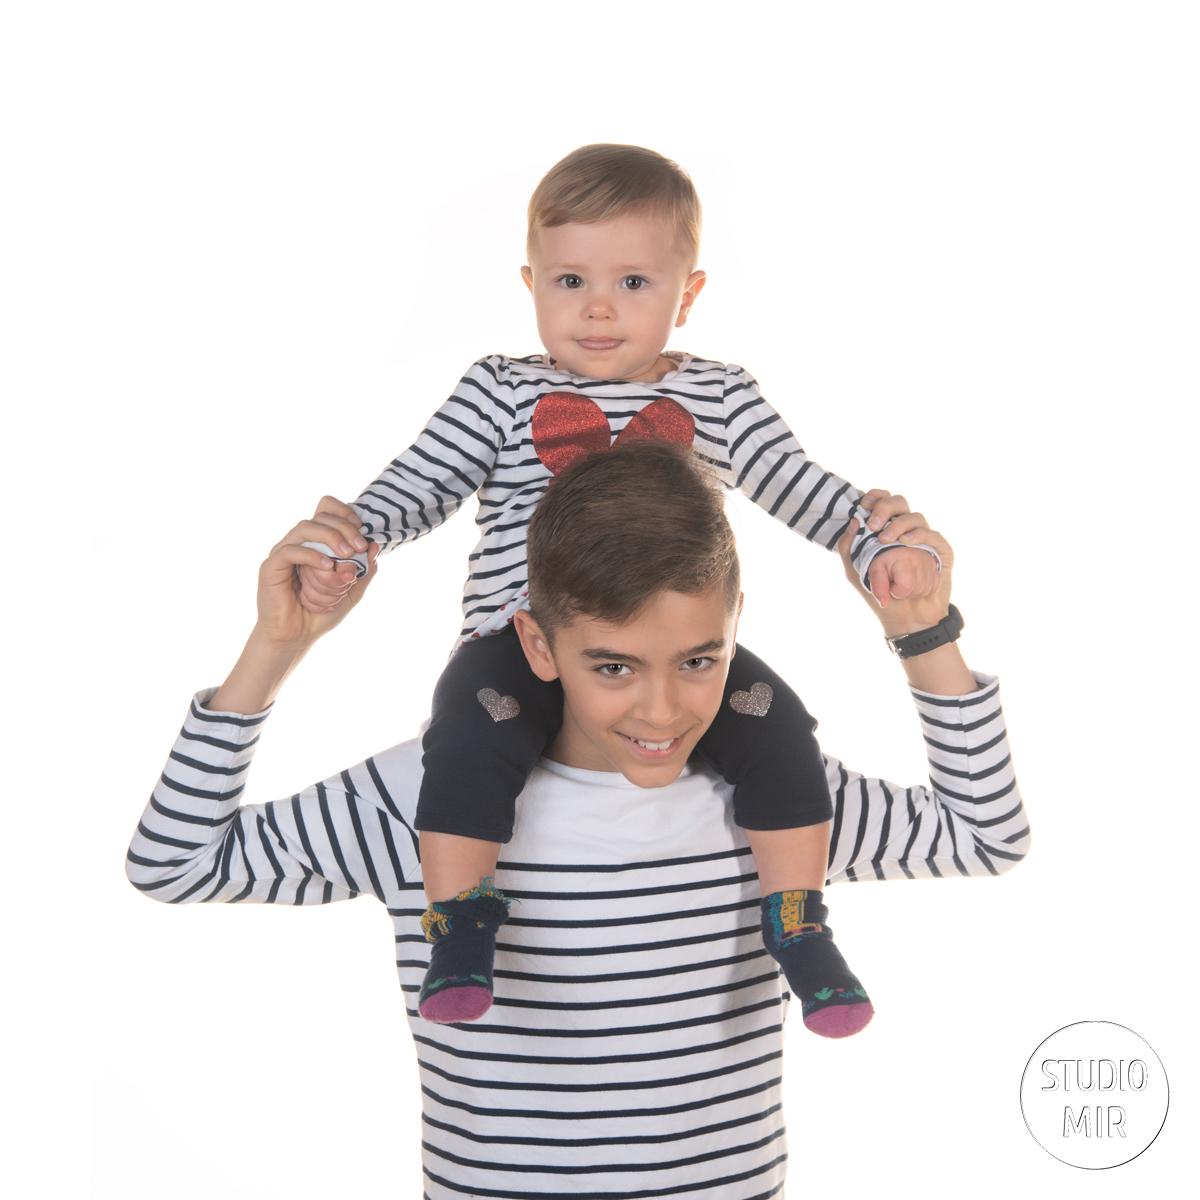 Séance photo en famille en studio photo professionnel à Saint-Maur-des-Fossés